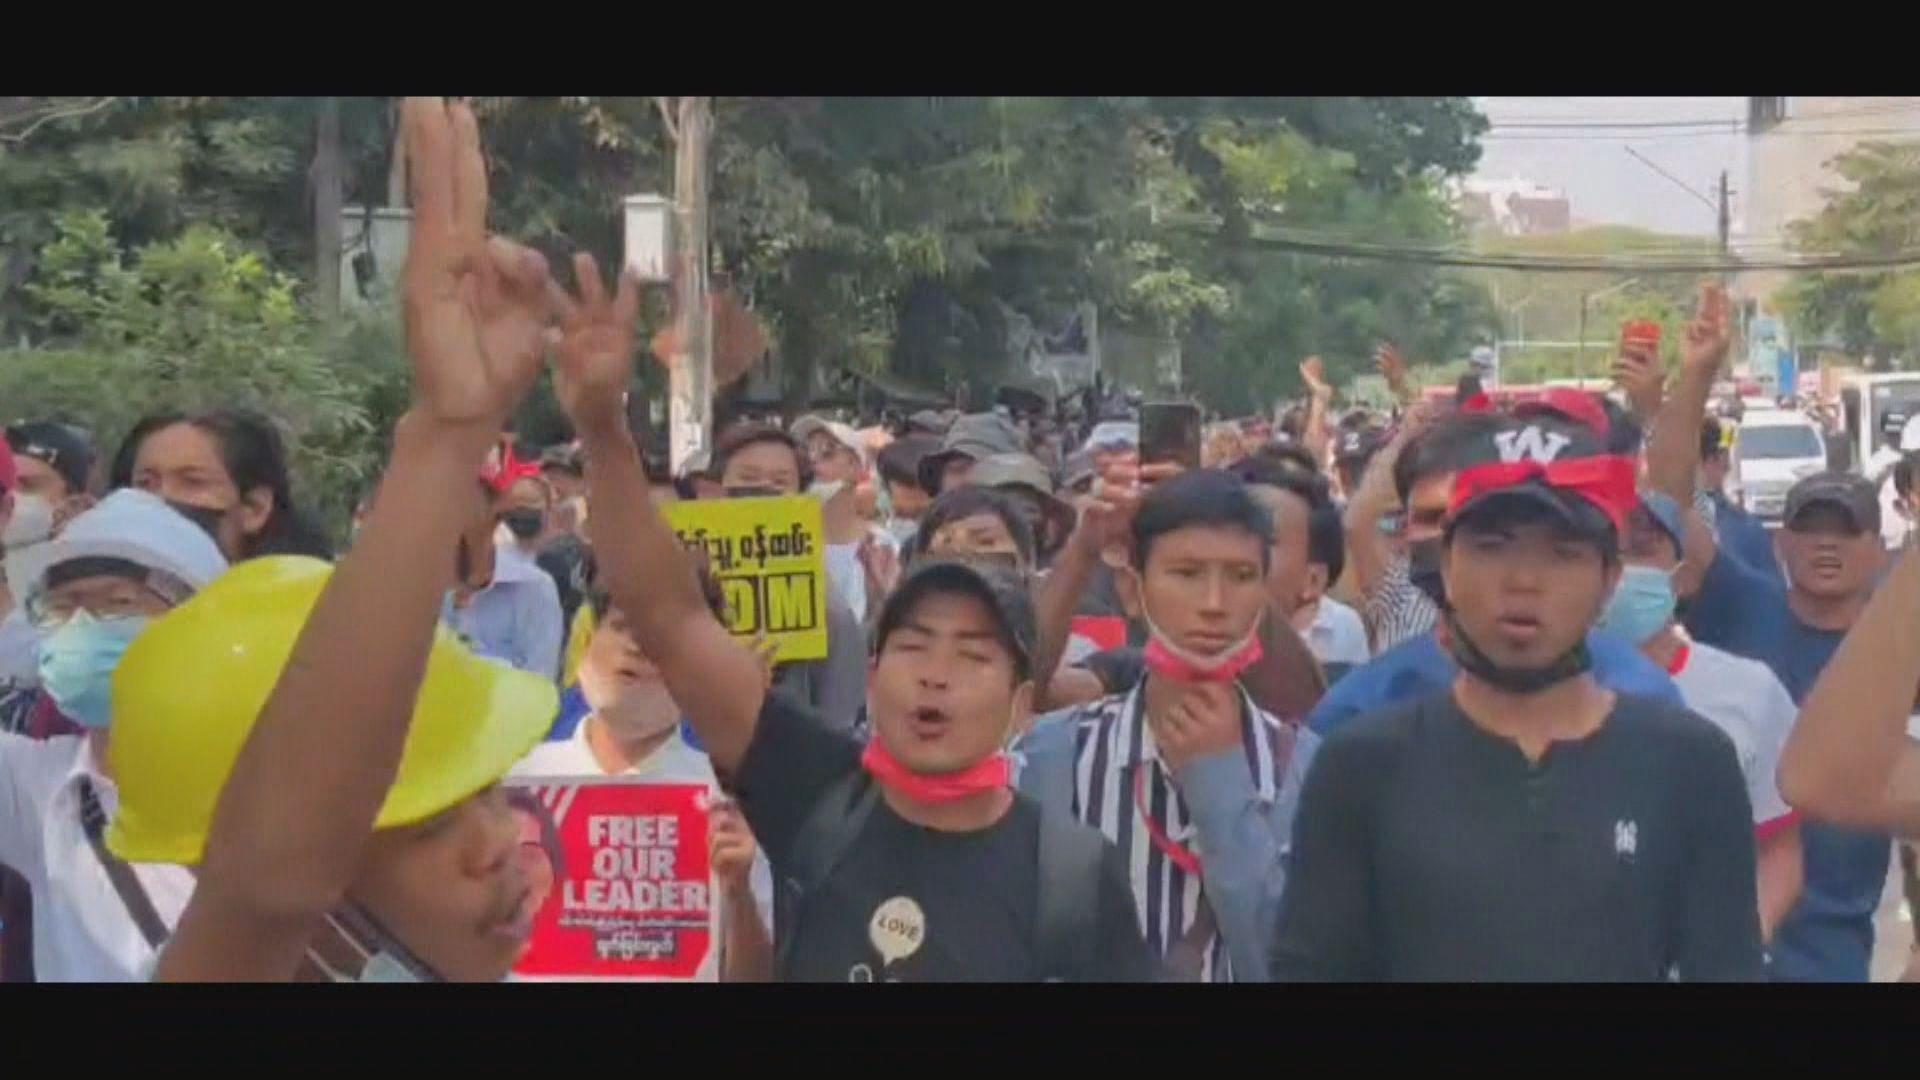 緬甸反軍事政變示威持續 傳媒指一人中槍死亡